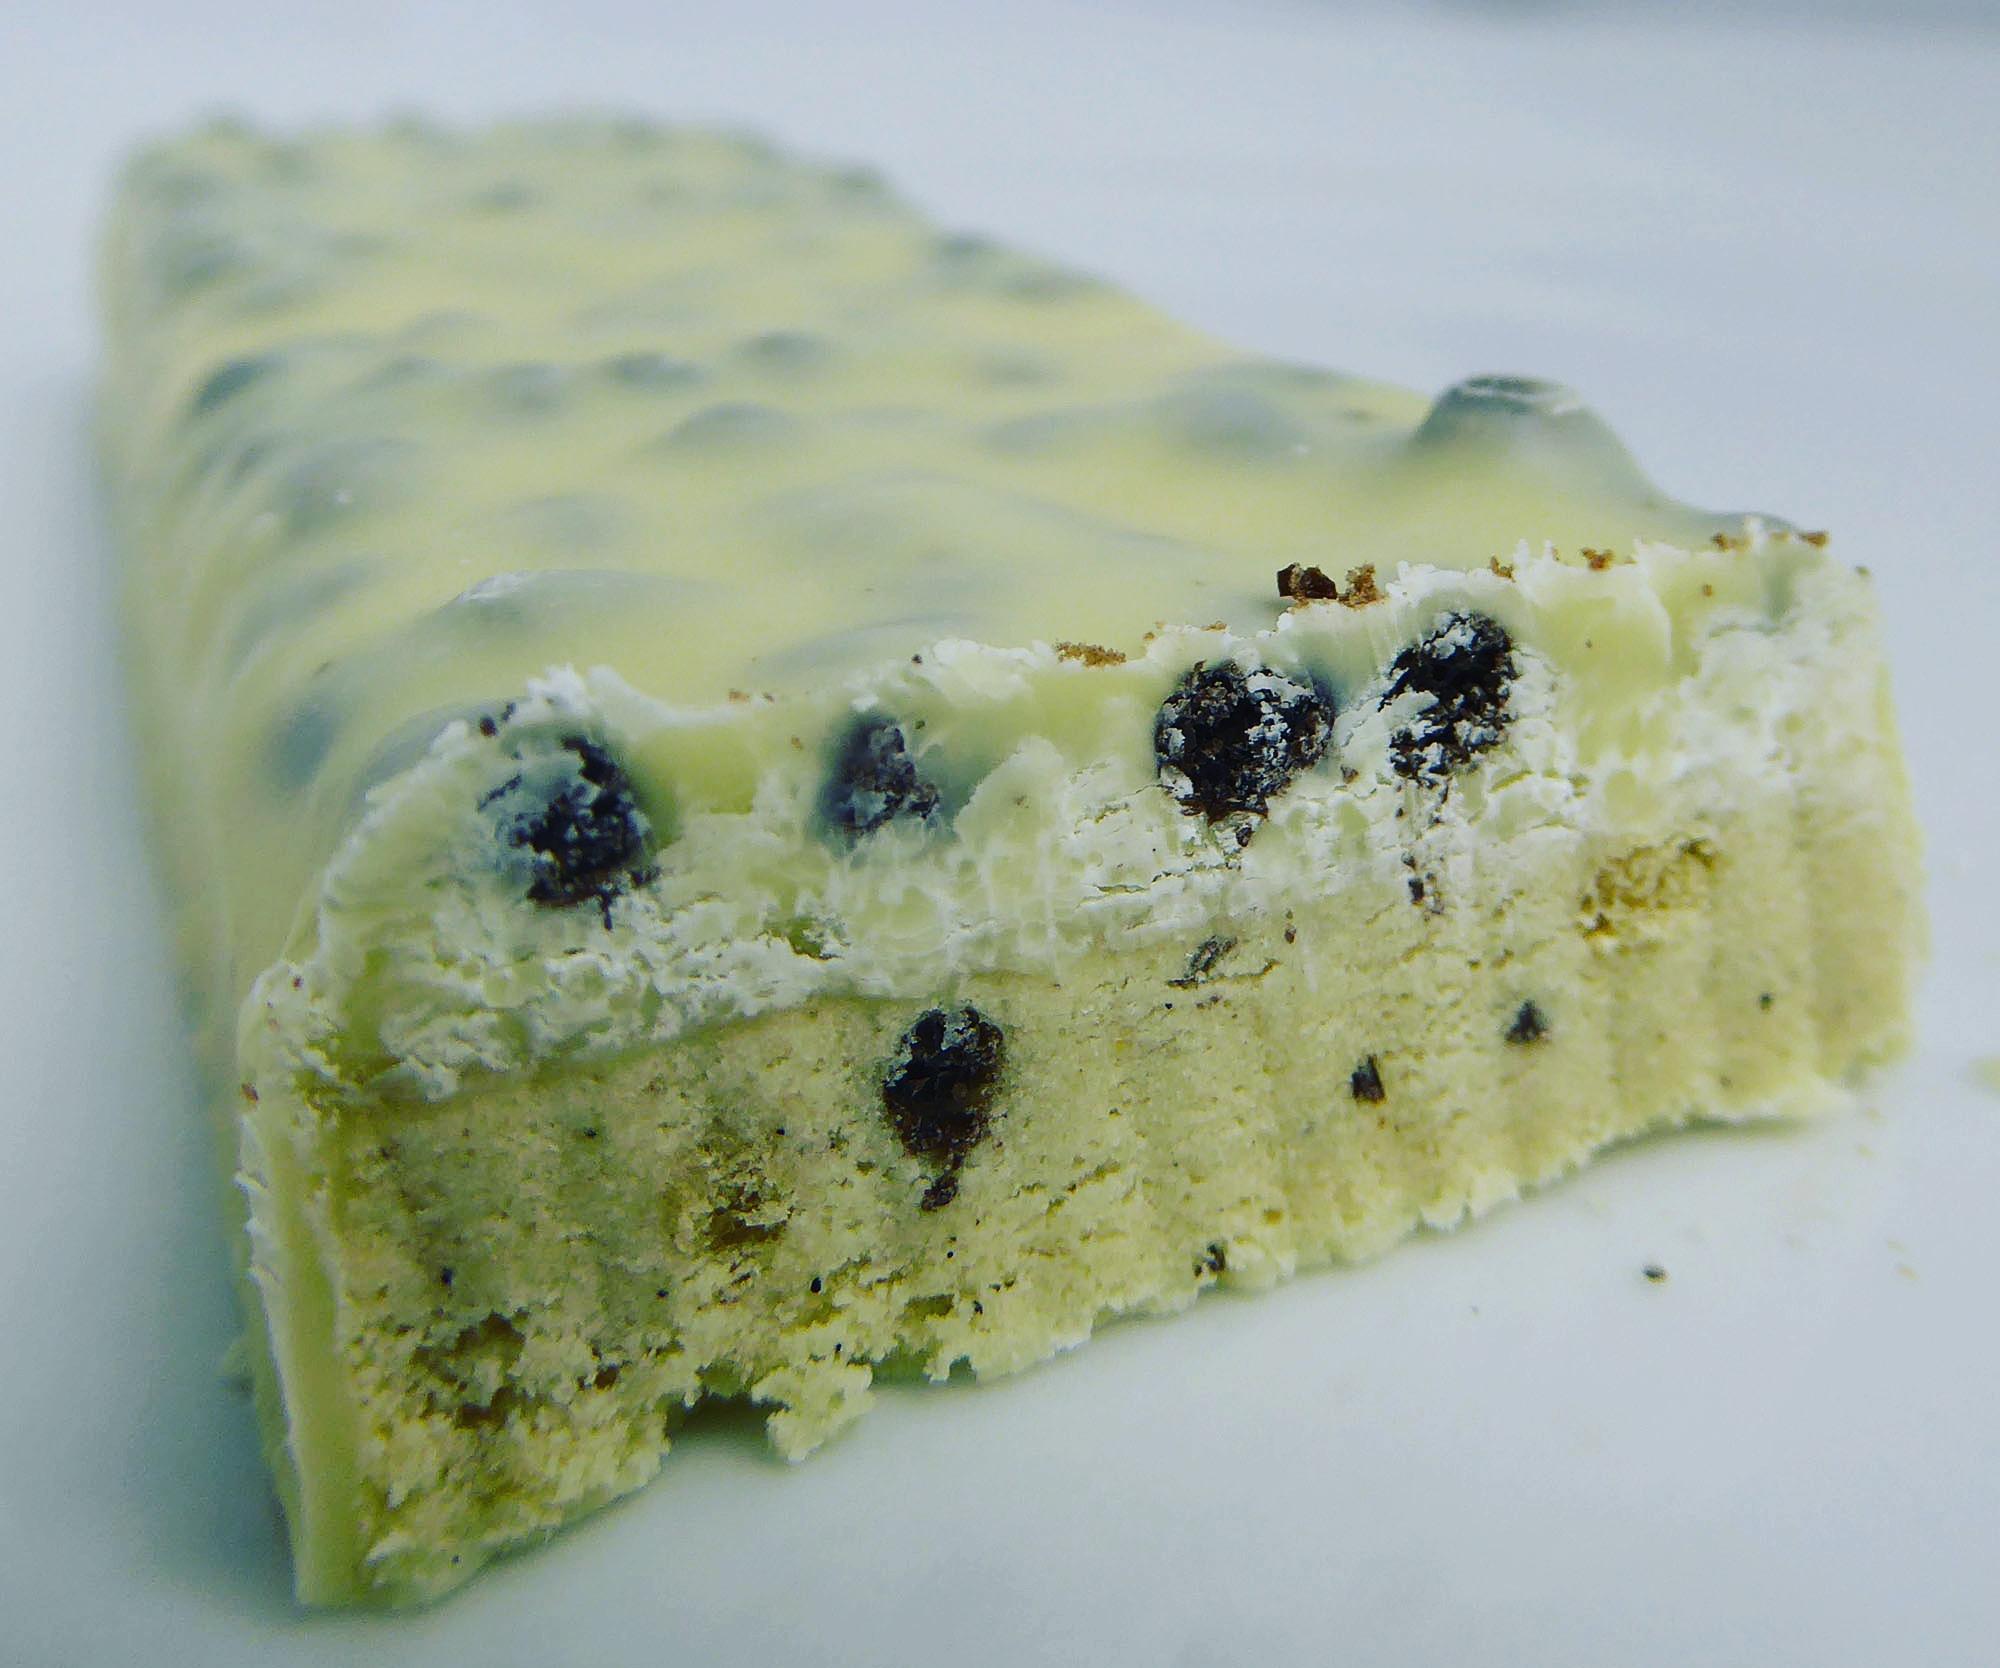 Grenade Carb Killa High Protein Bar White Chocolate Cookie Proteinriegel Eiweißriegel Weisse Schokolade